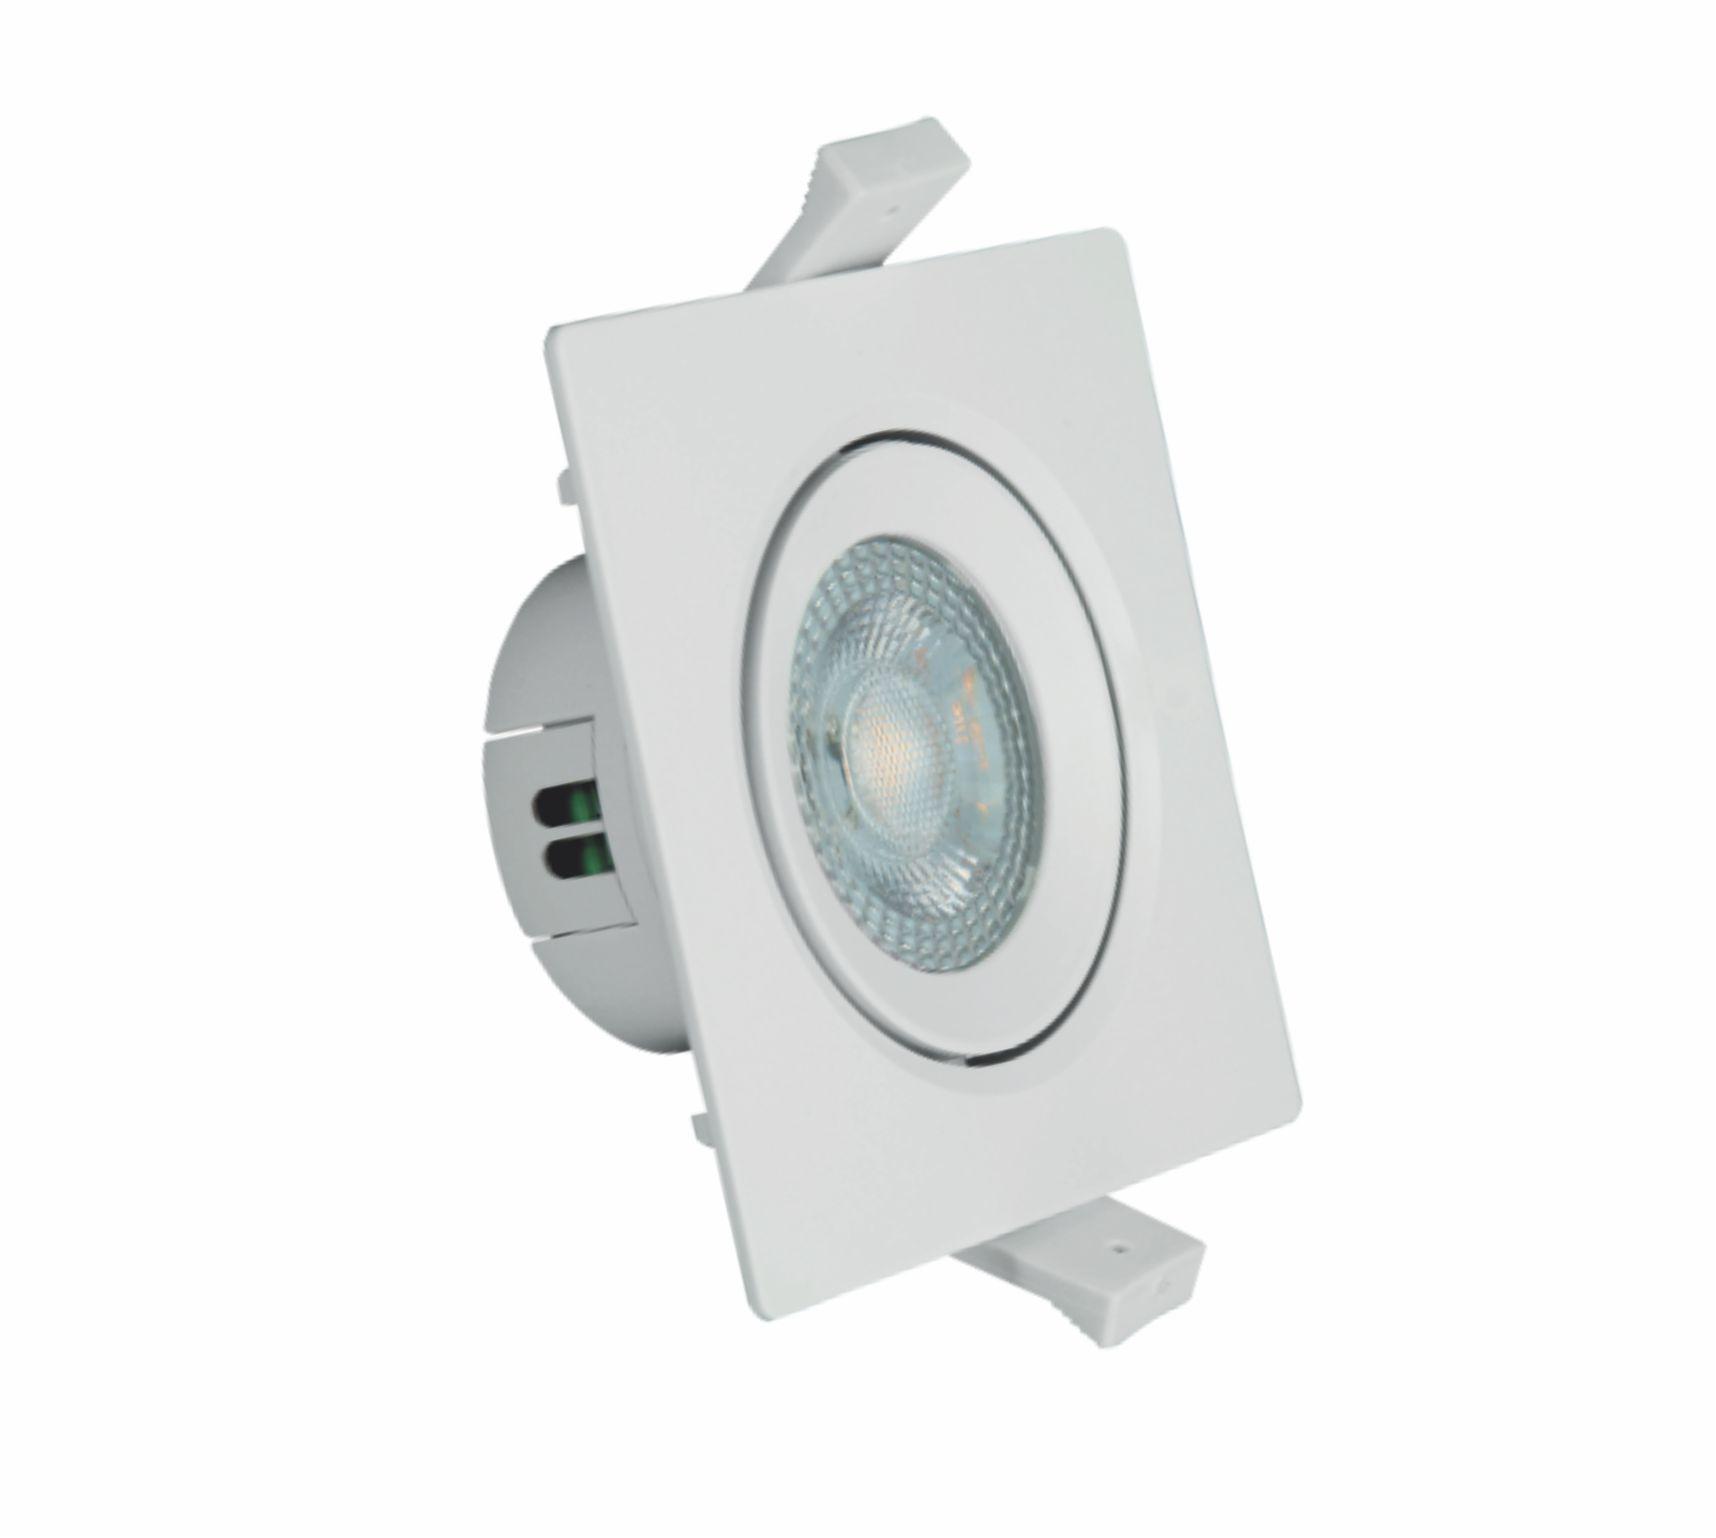 Spot LED Quadrado PAR30 12W 6500K Branco AUTOVOLT